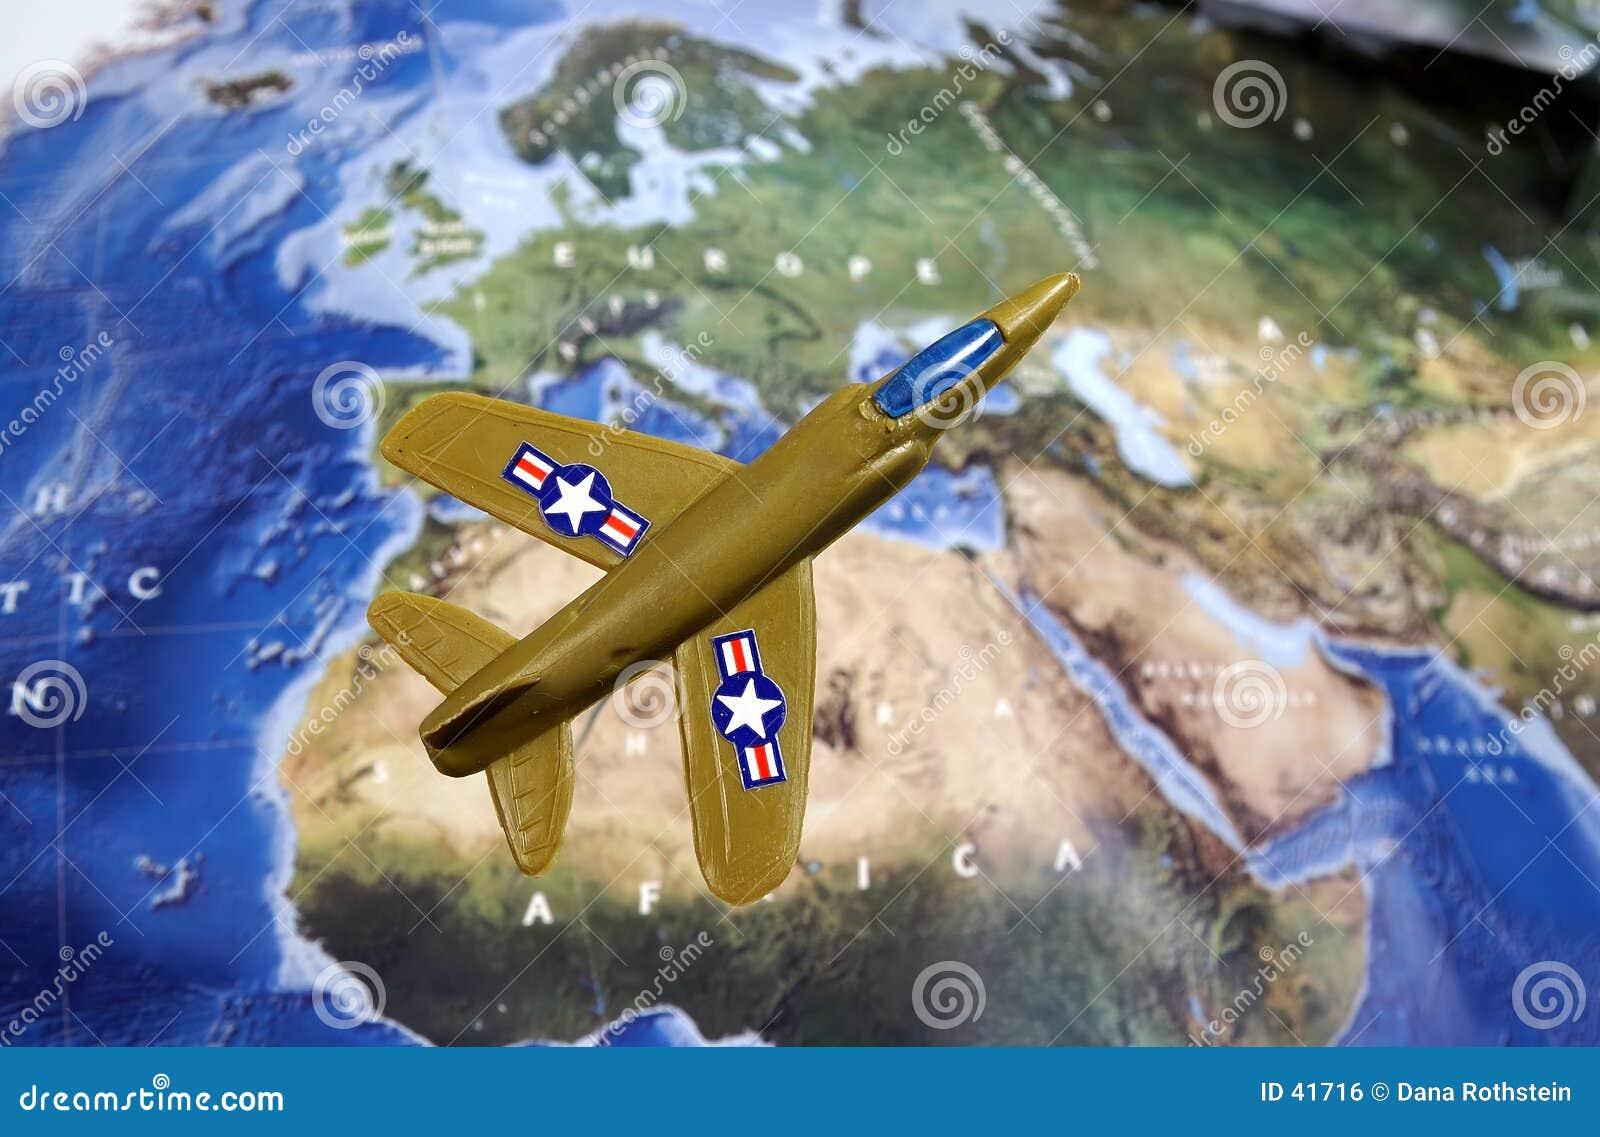 Download Luftwaffe stockfoto. Bild von anordnung, pilot, sonic, macht - 41716